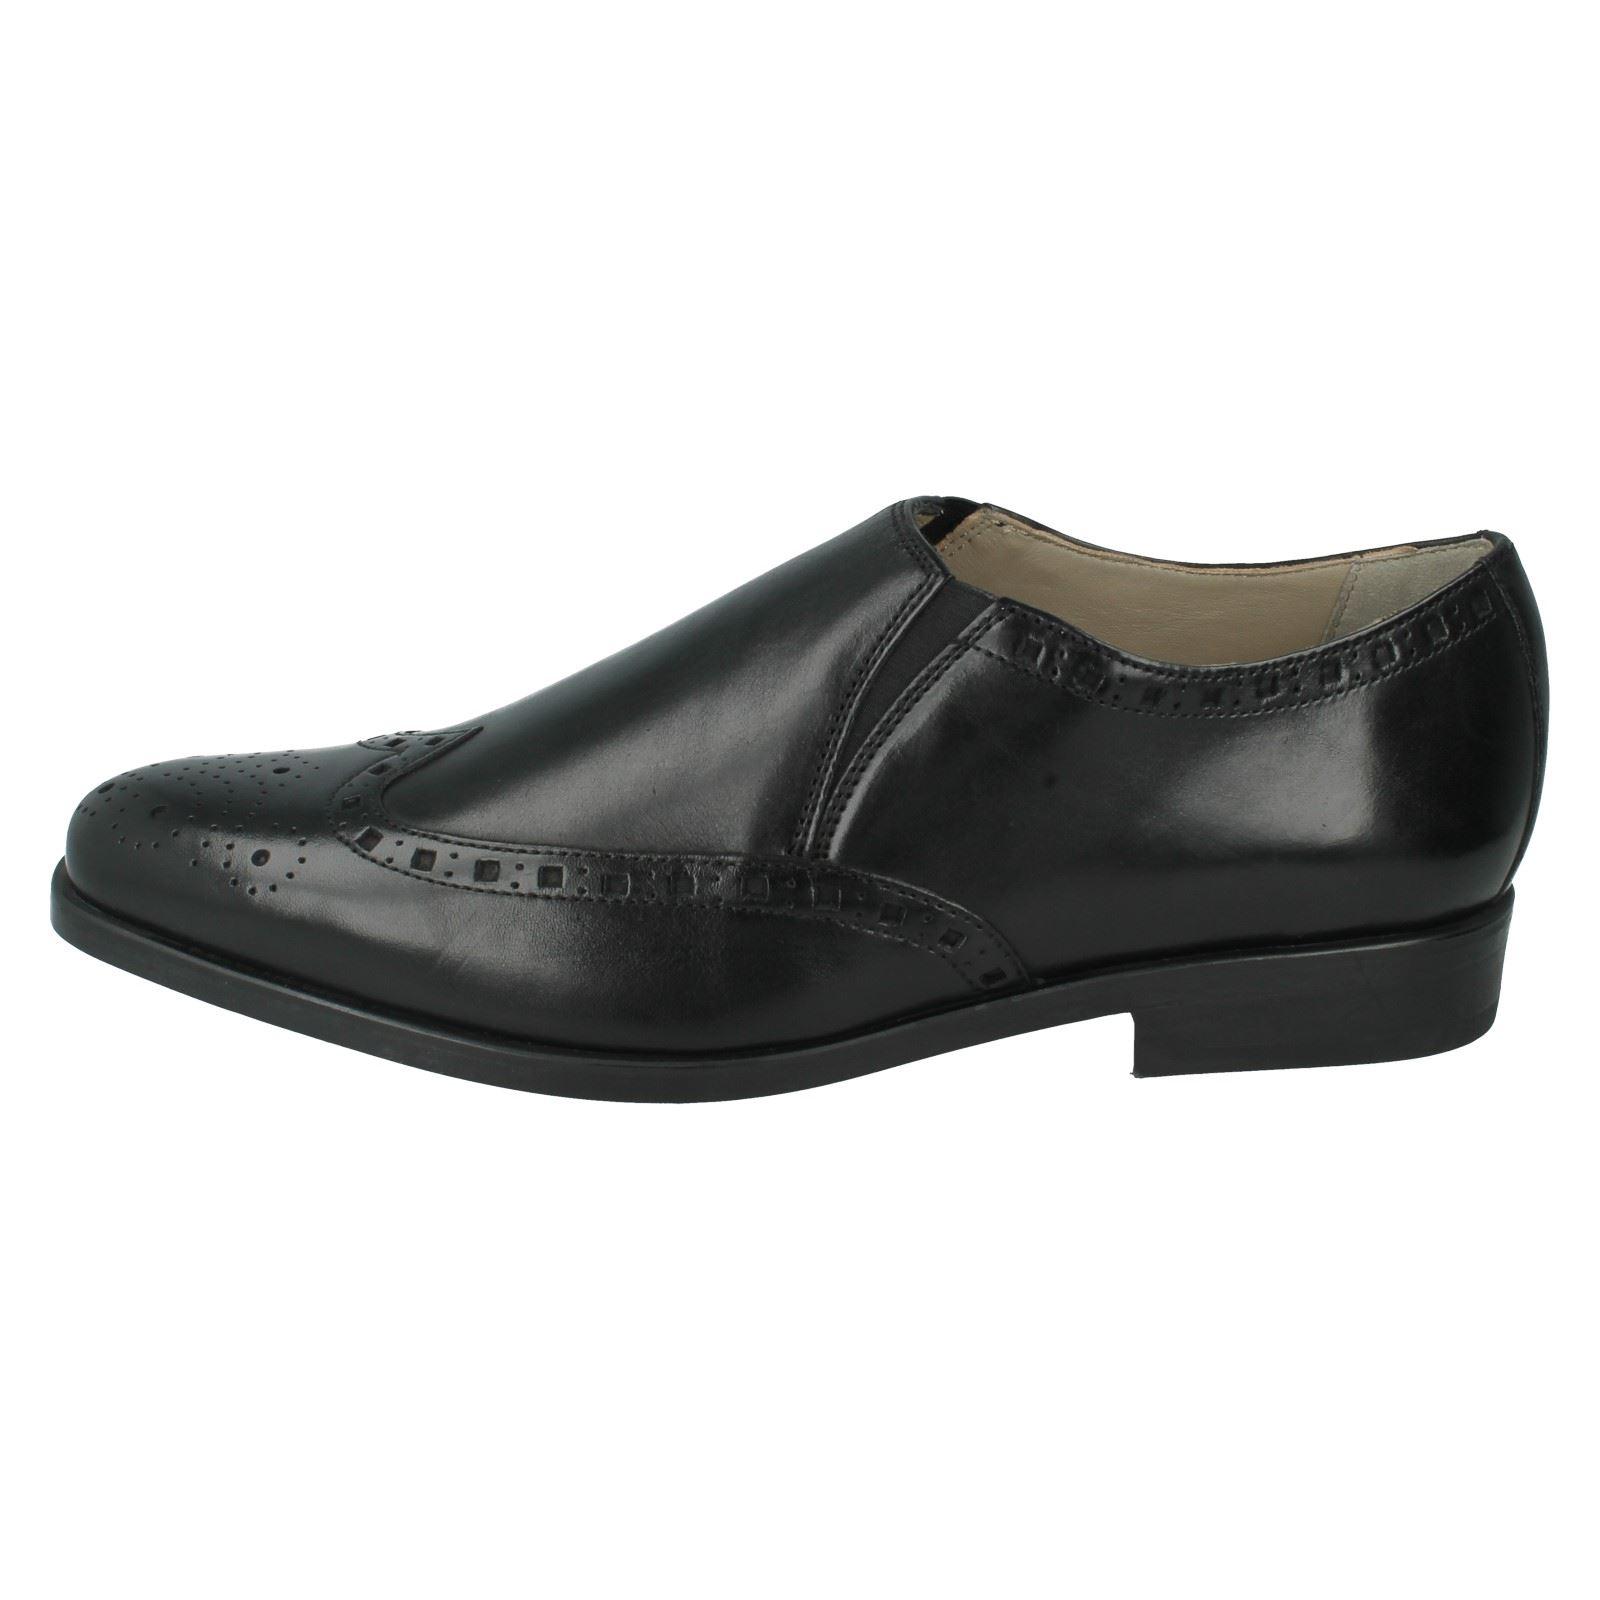 Men s Clarks Formal Slip On Shoes Style - Amieson Slip  d6b1b0656